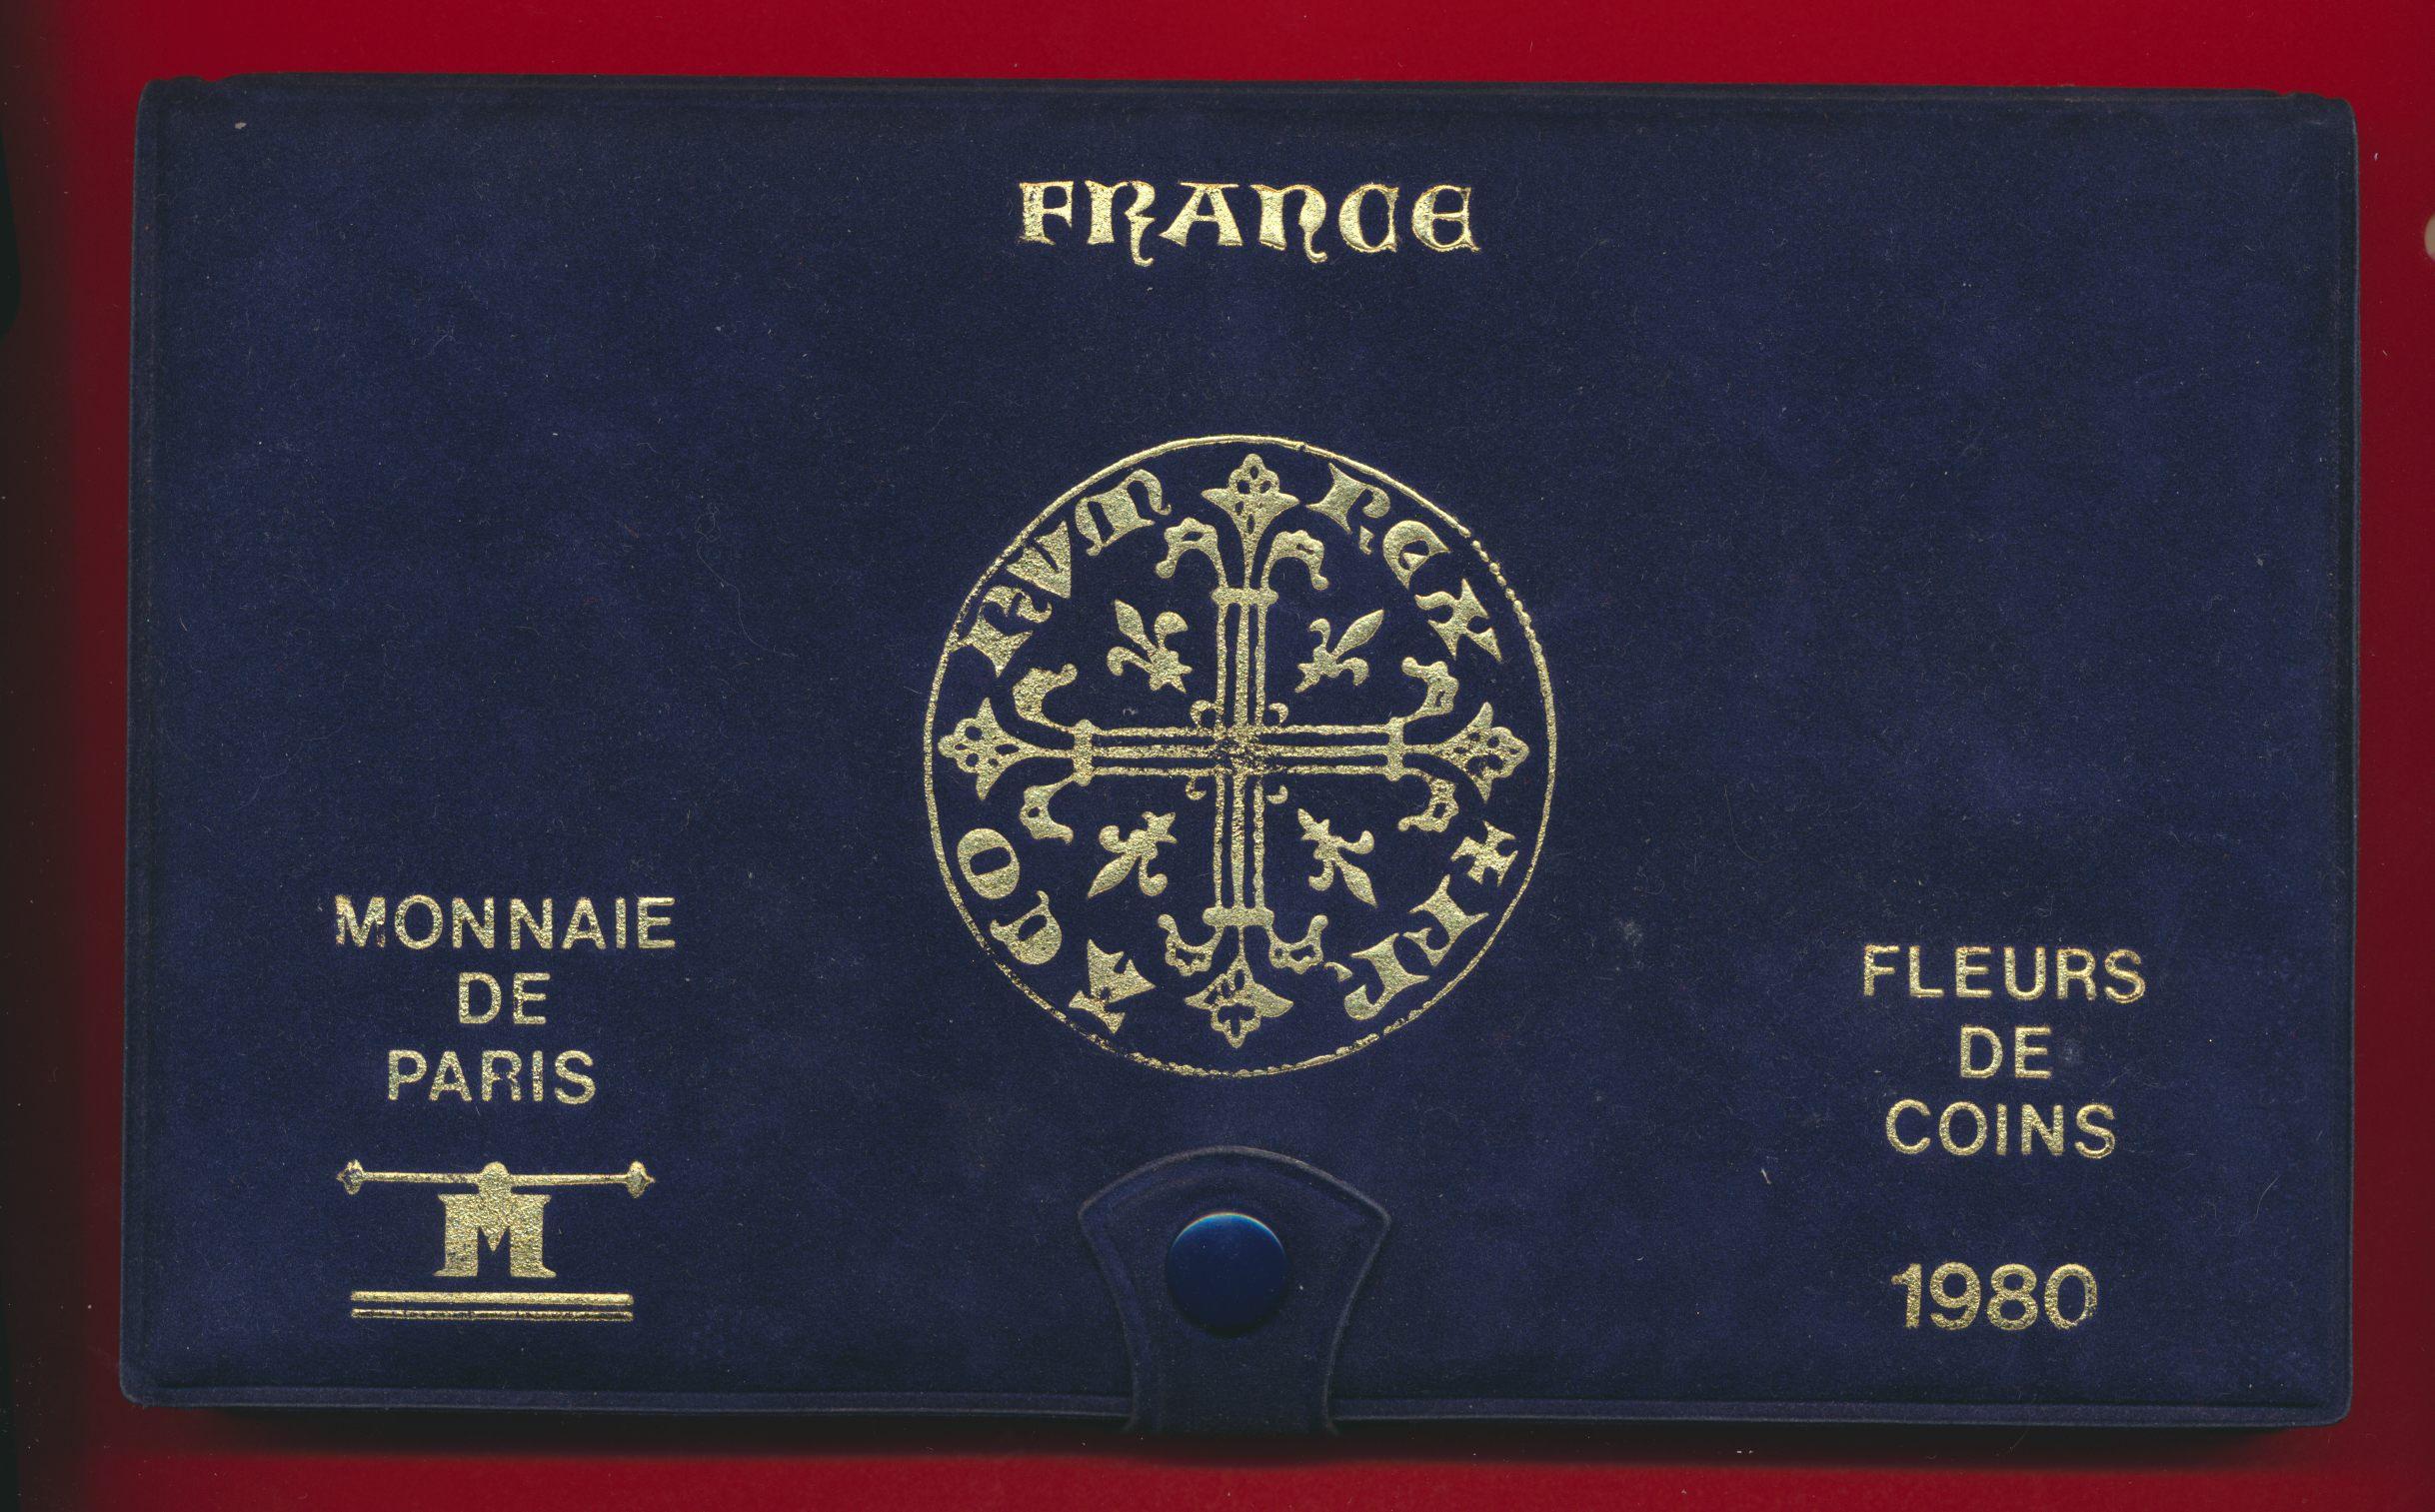 fdc-fleur-coin-1980-notice-monnaie-paris-coffret